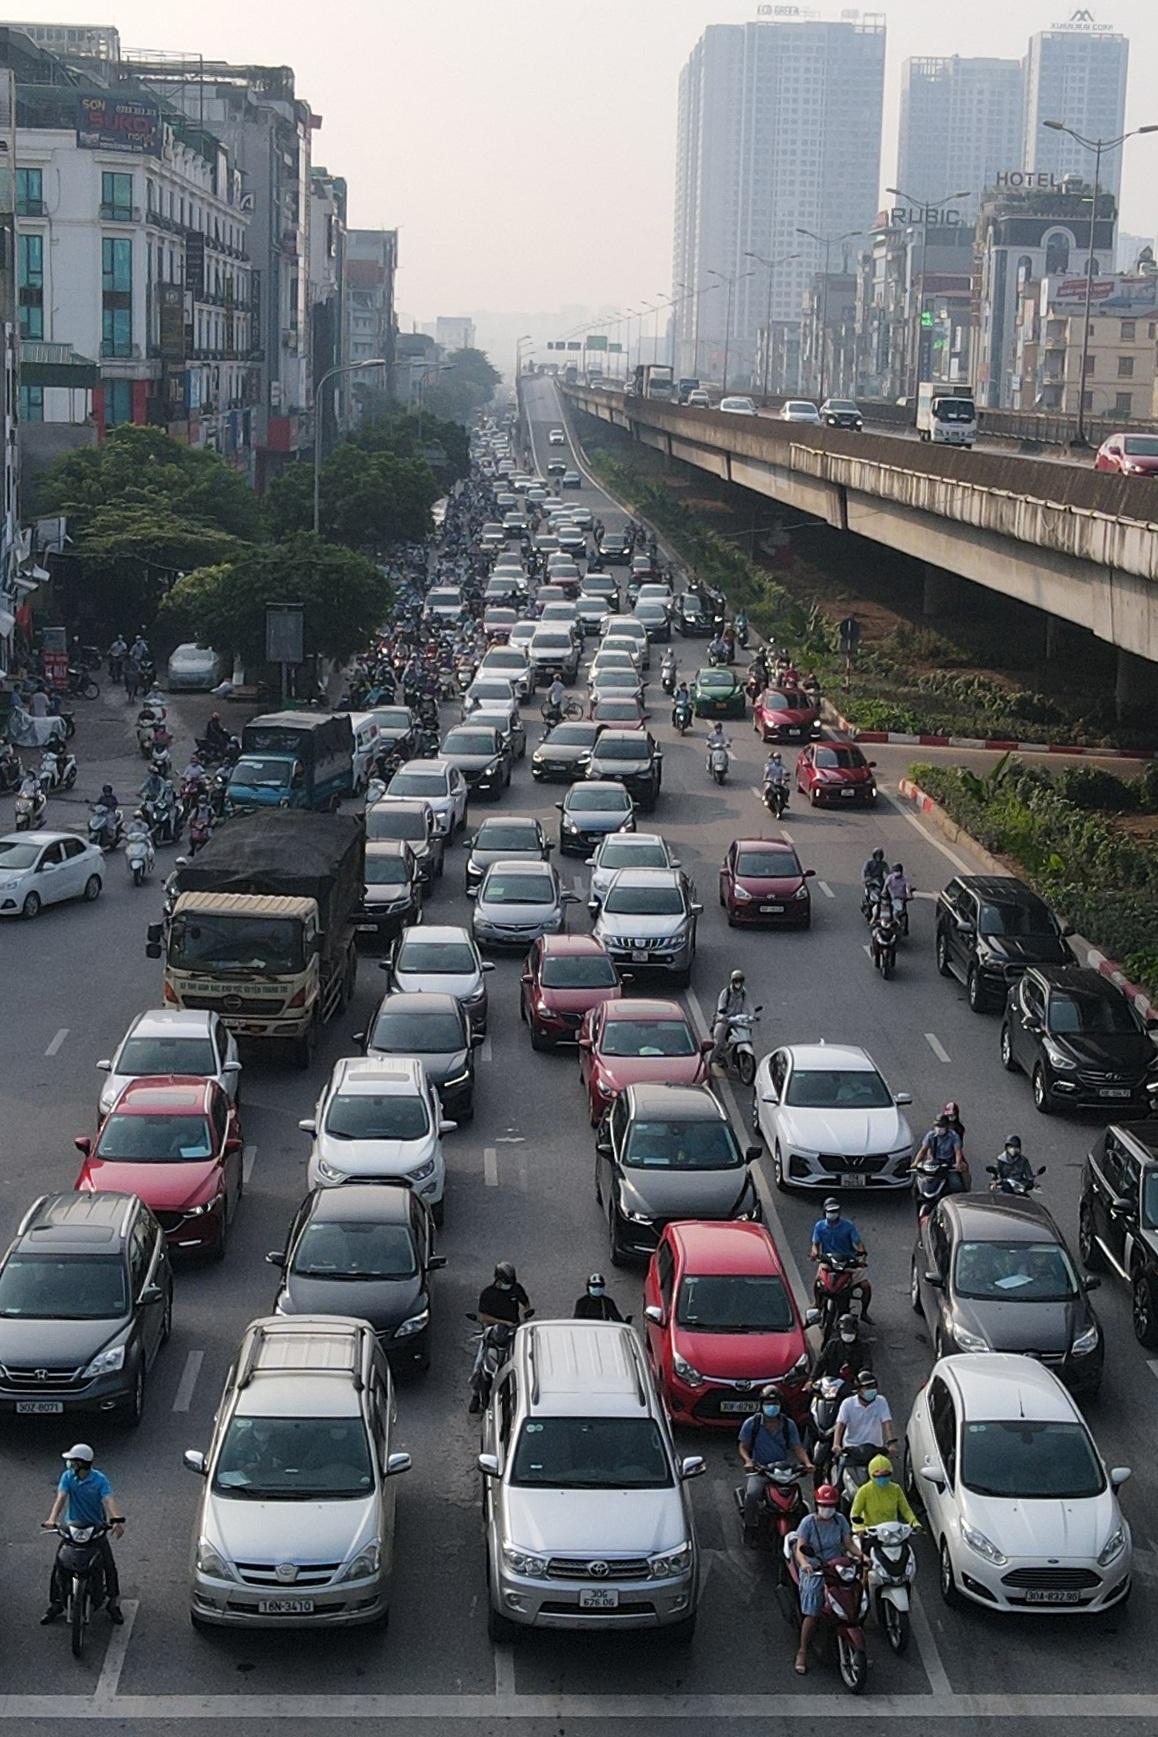 Đường phố tấp nập xe cộ sau khi TP Hà Nội bỏ quy định giấy đi đường - 10